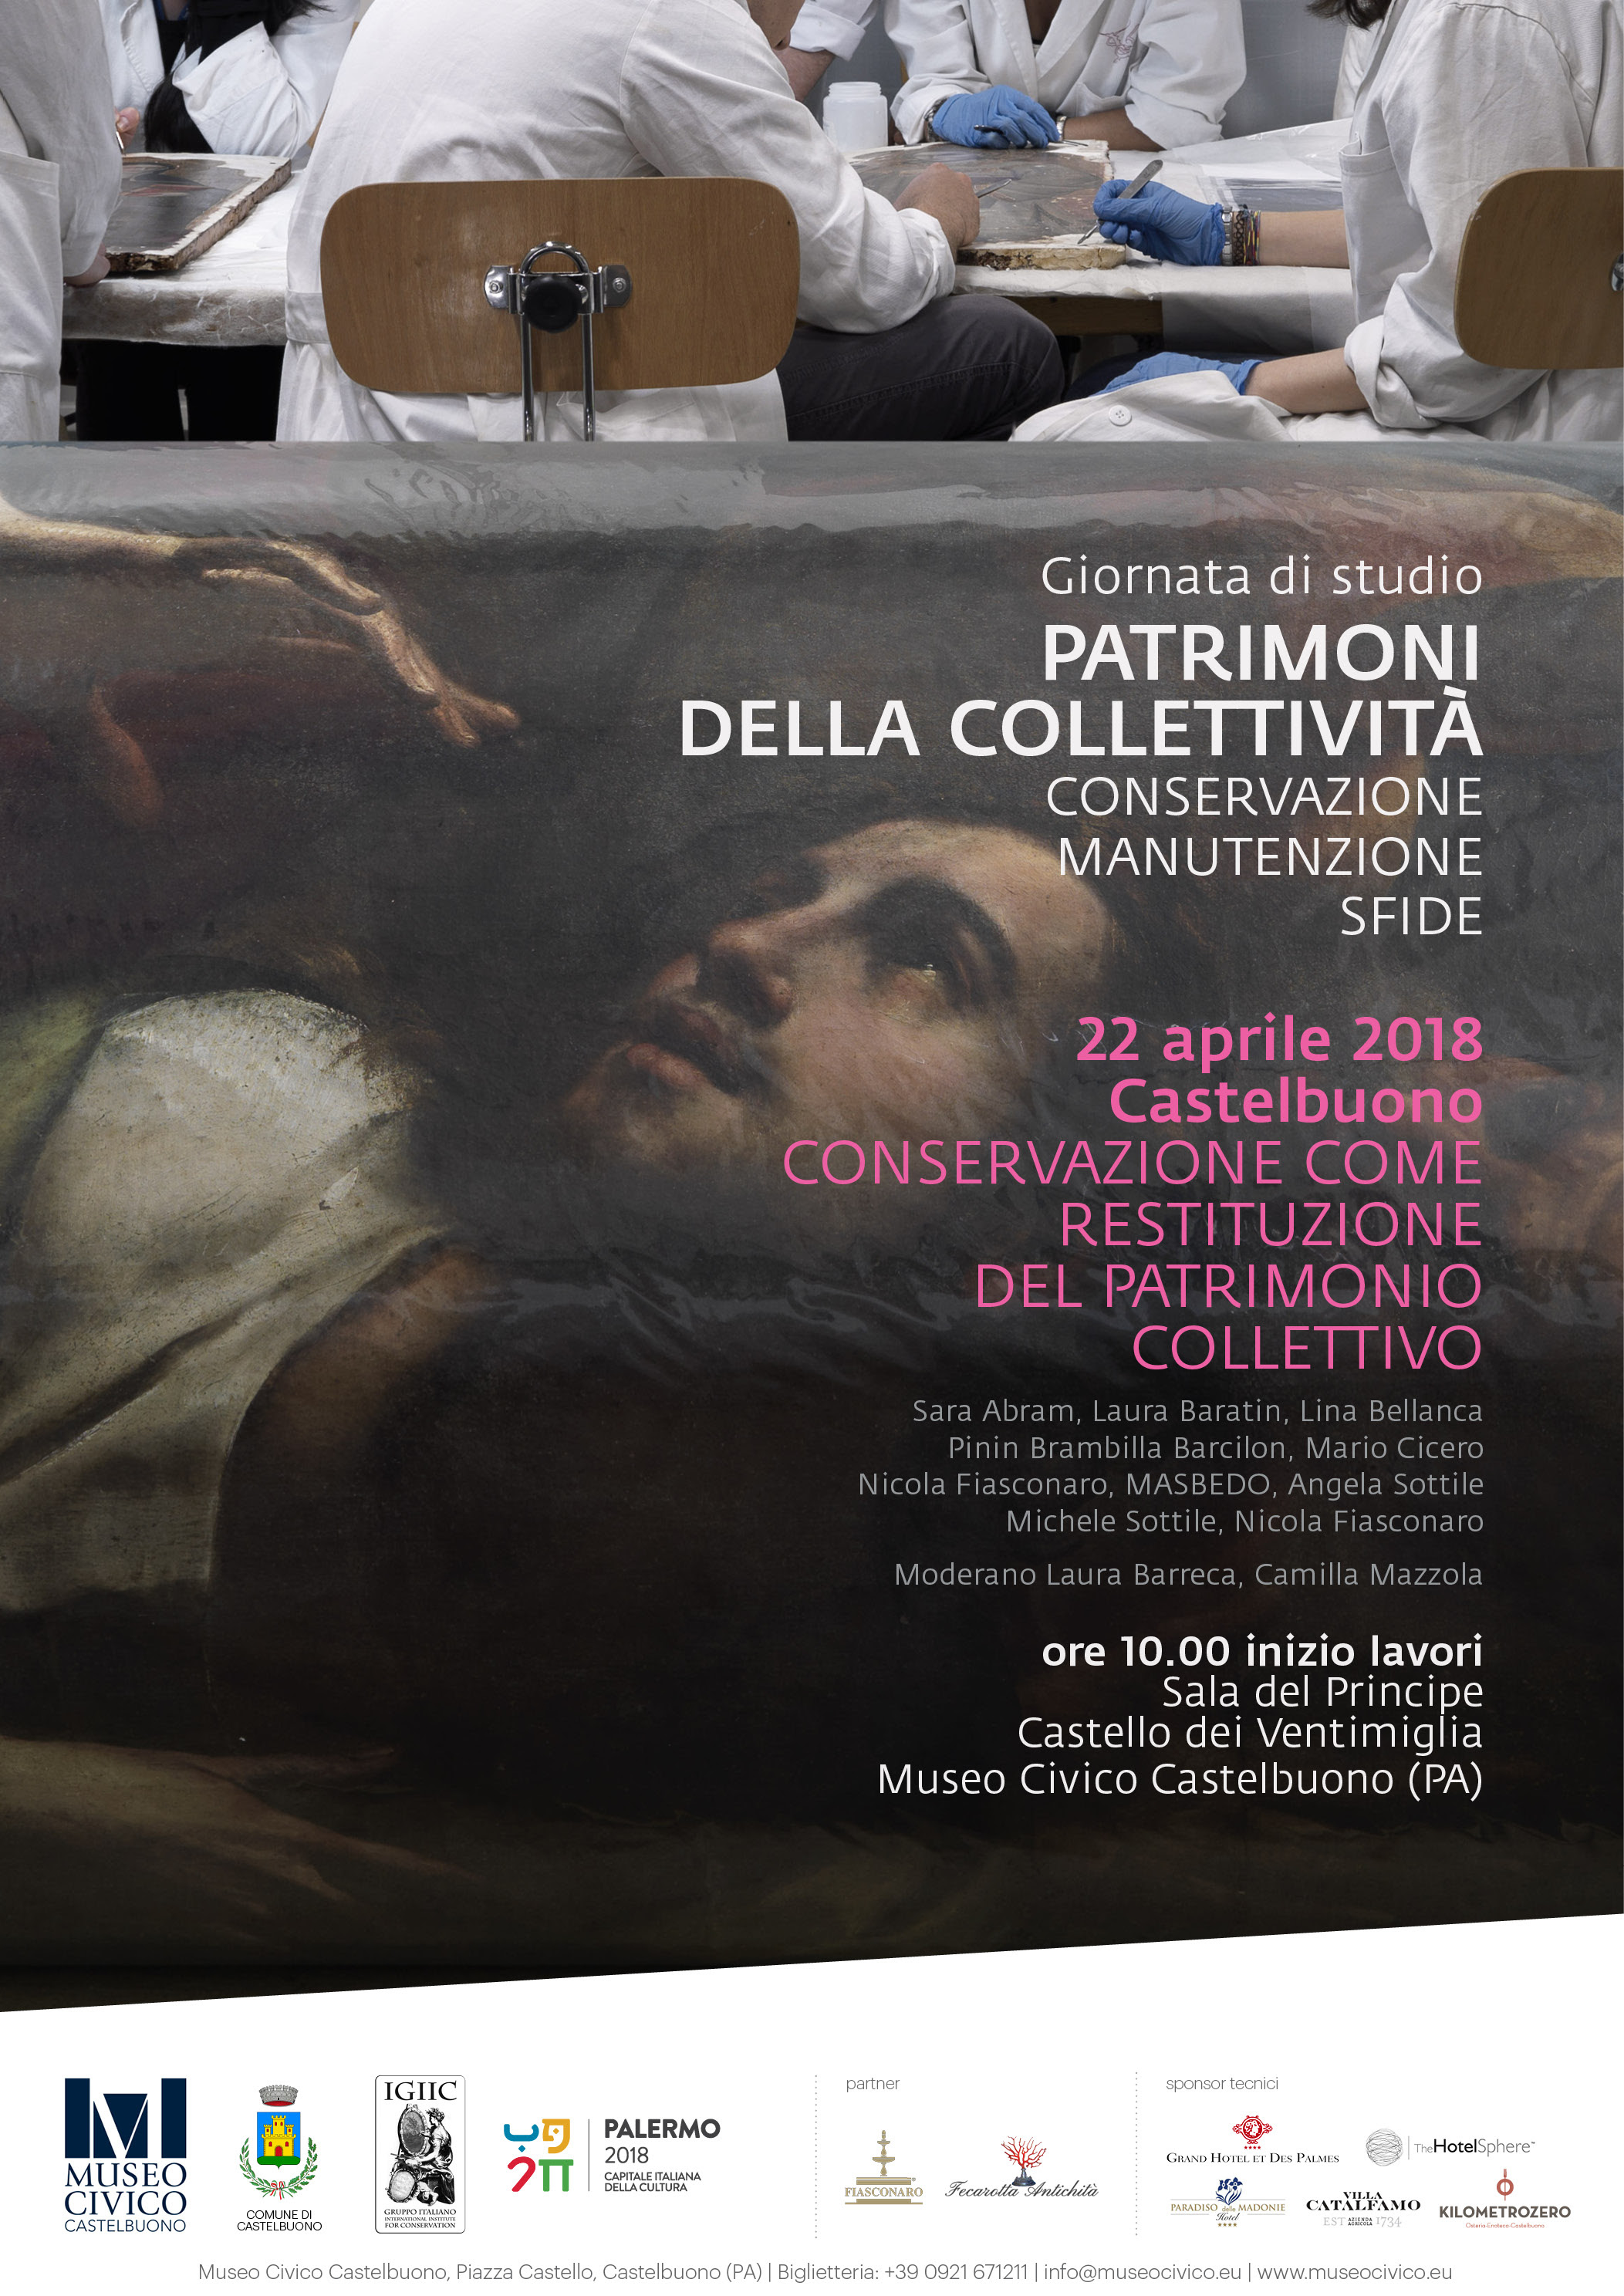 Studio dei patrimoni della collettività a Castelbuono